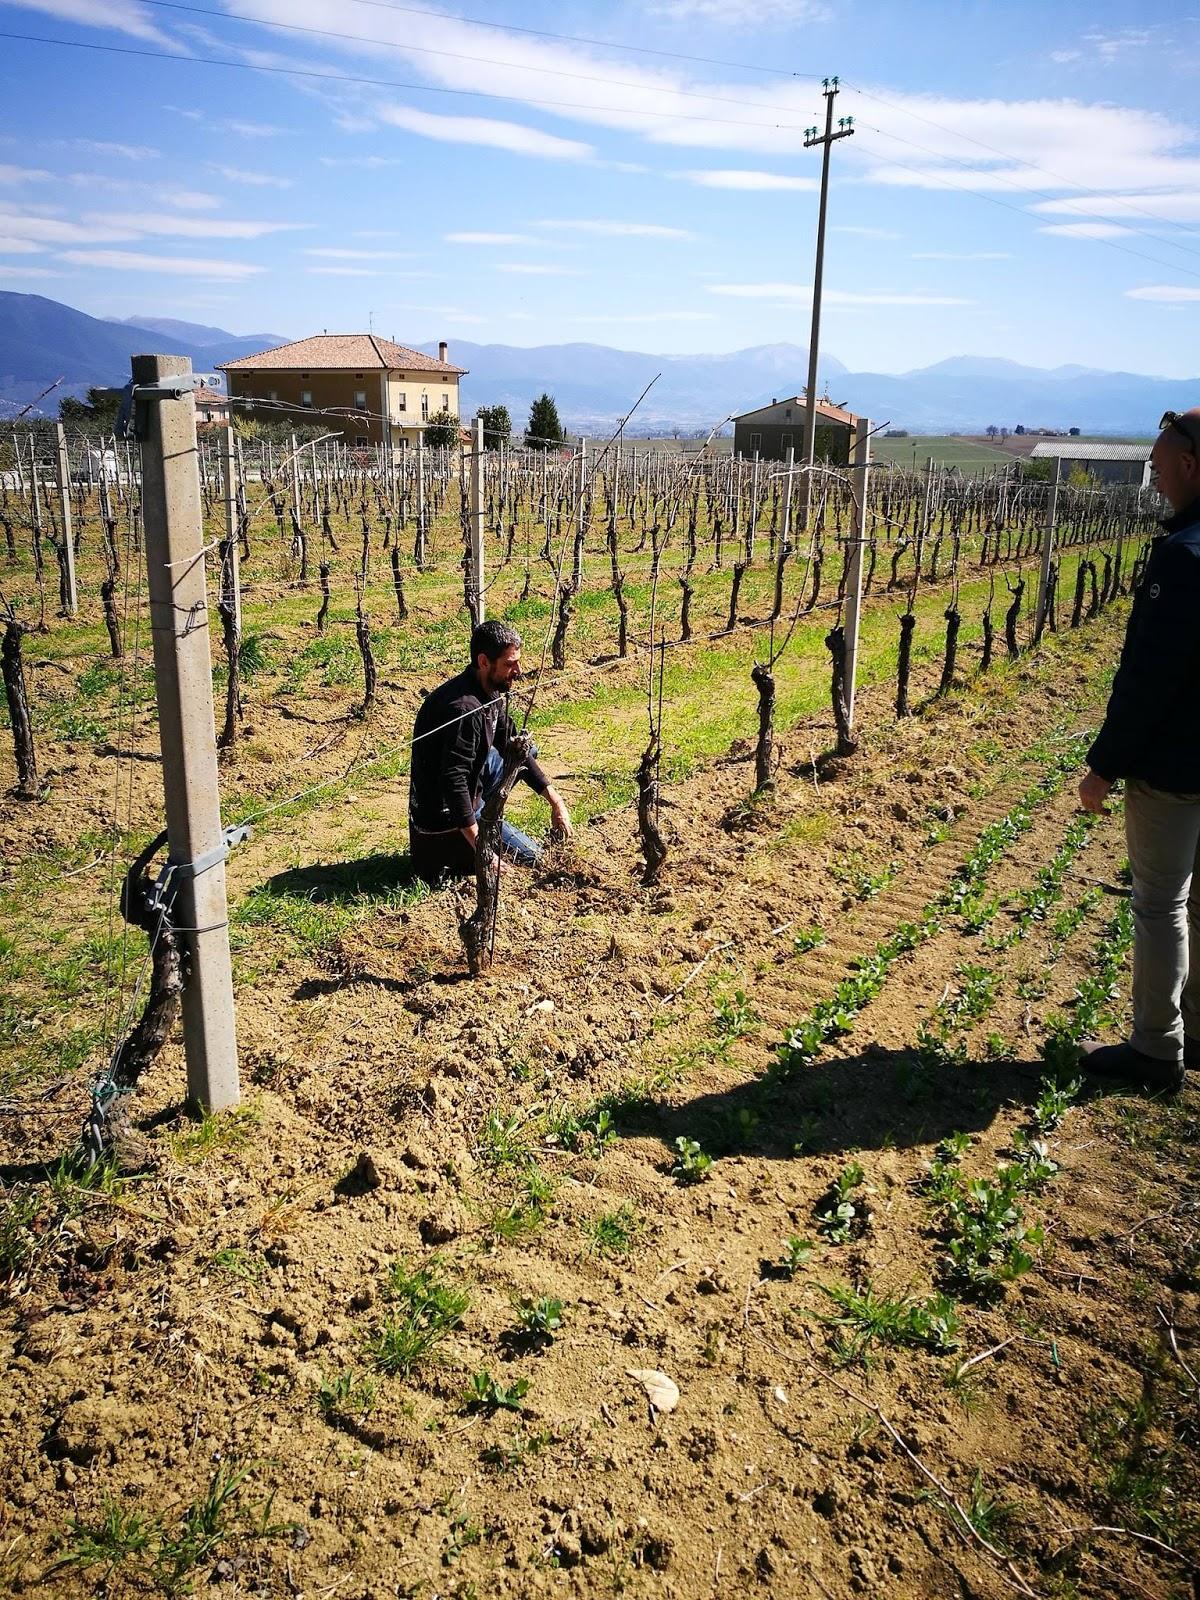 Periodo Migliore Per Potare Quercia wine blog roll - il blogger del vino italiano: aprile 2019